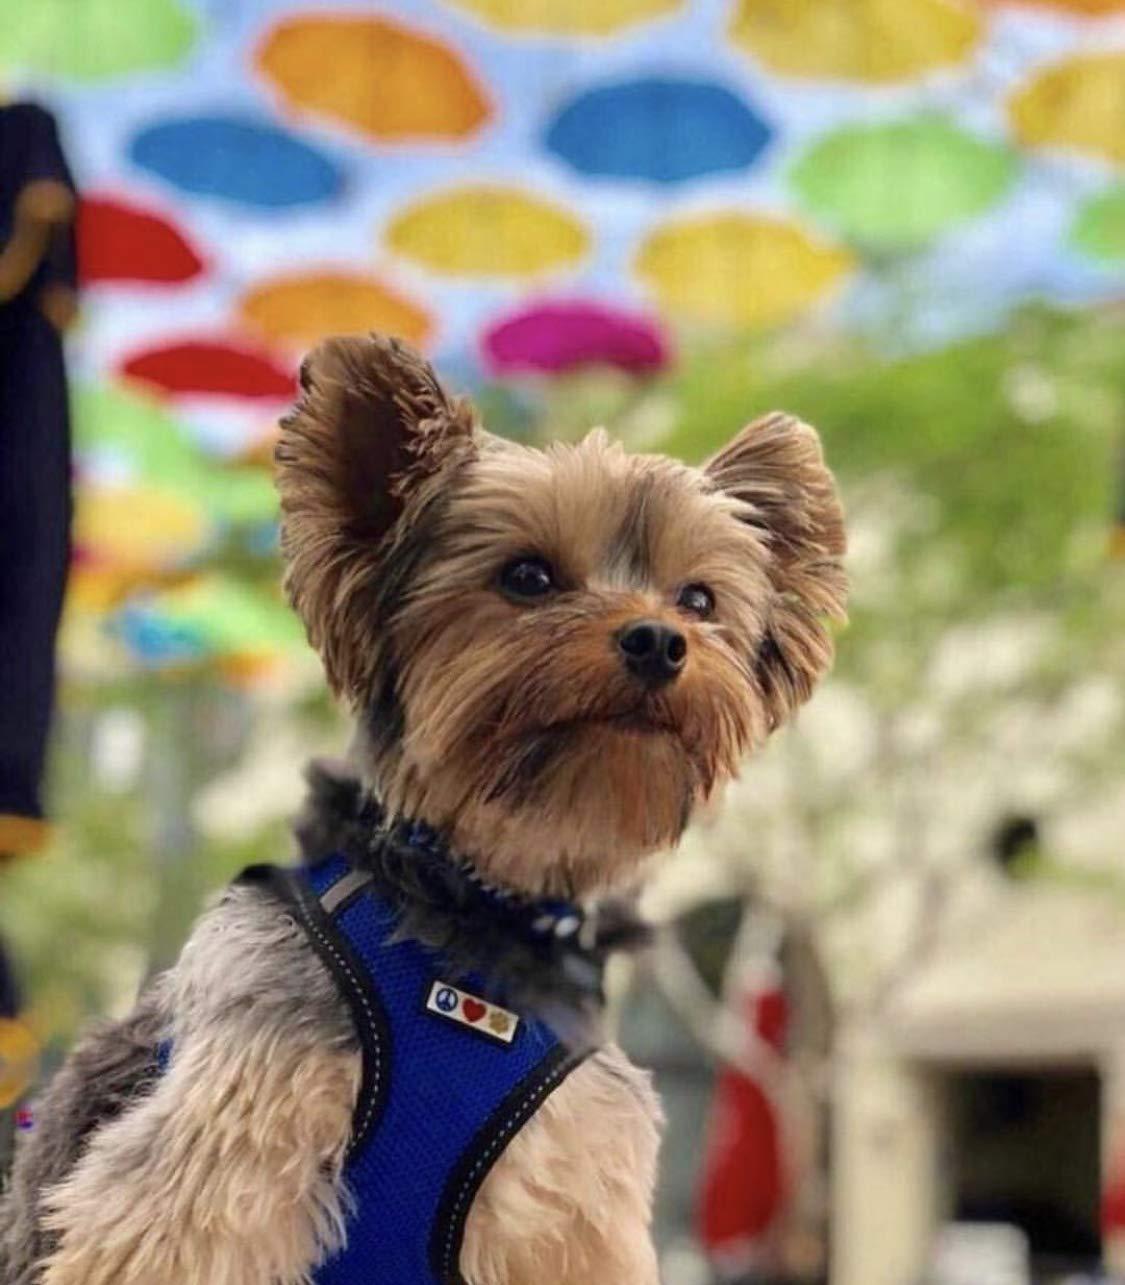 Chaleco Acolchado para Mayor Comodidad dise/ño Resistente Ajustable y Transpirable Mediano Rojo Pawtitas Arnes de Tela Antitirones Perro y Cachorros